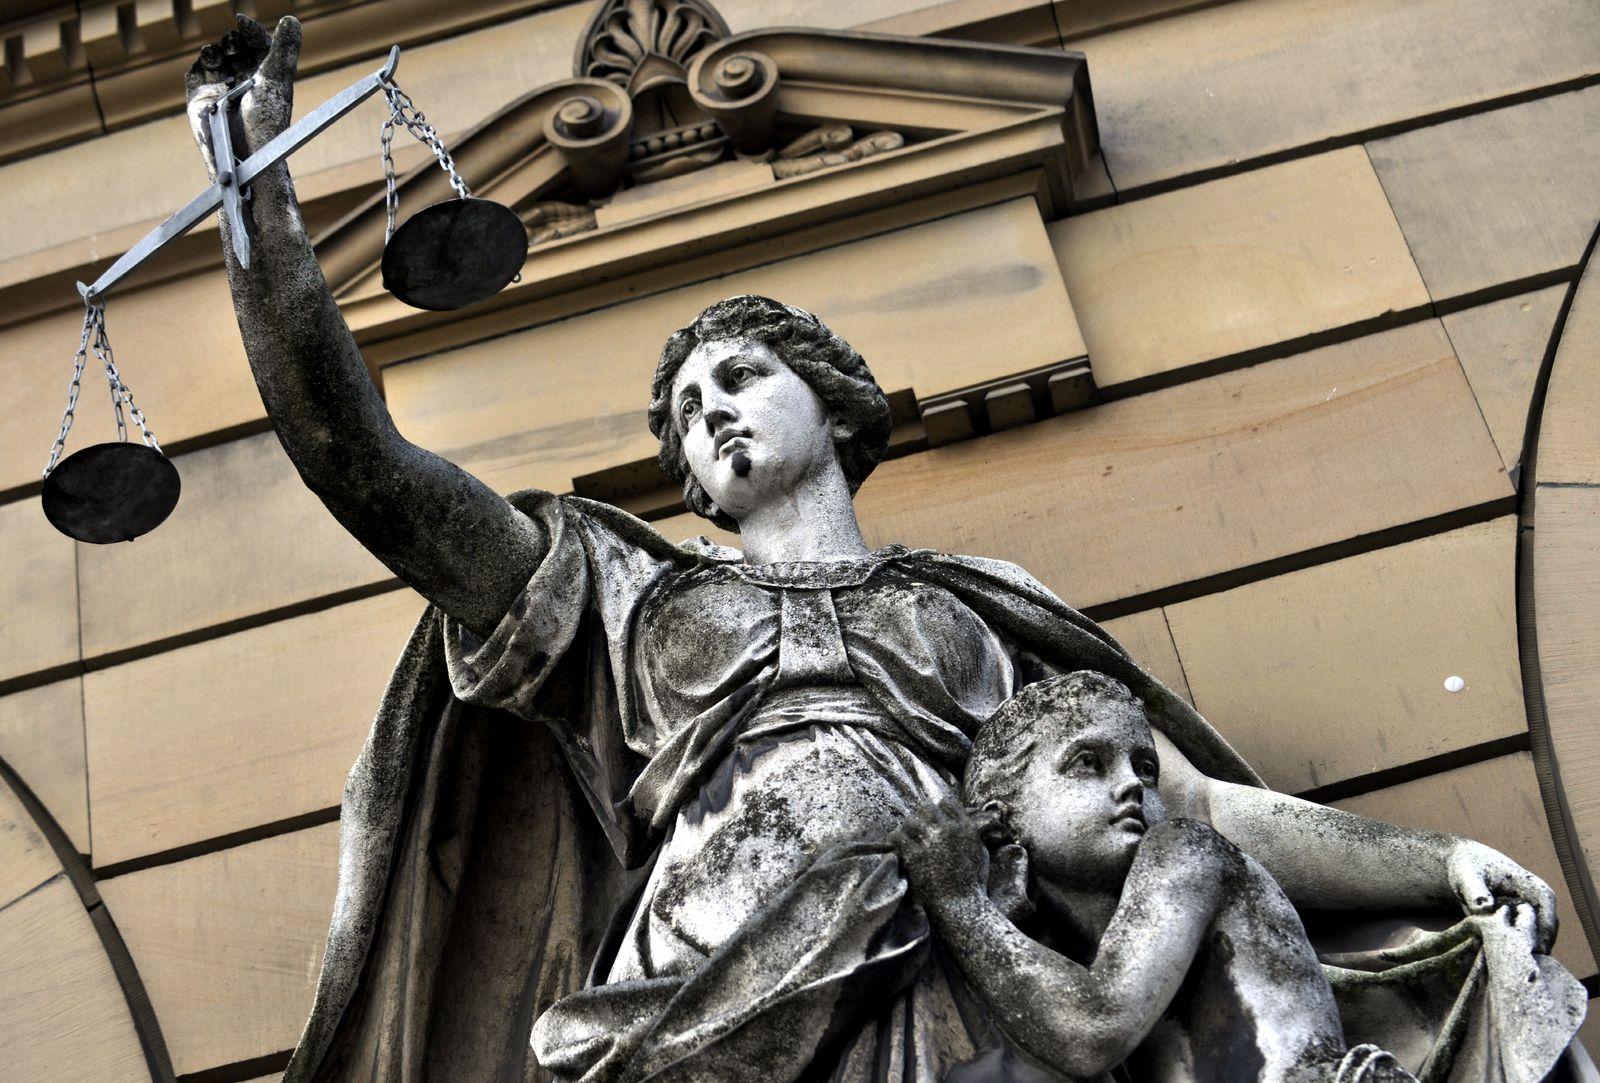 NICHT VERWENDEN Symbolbild Justiz / Recht / Gerechtigkeit